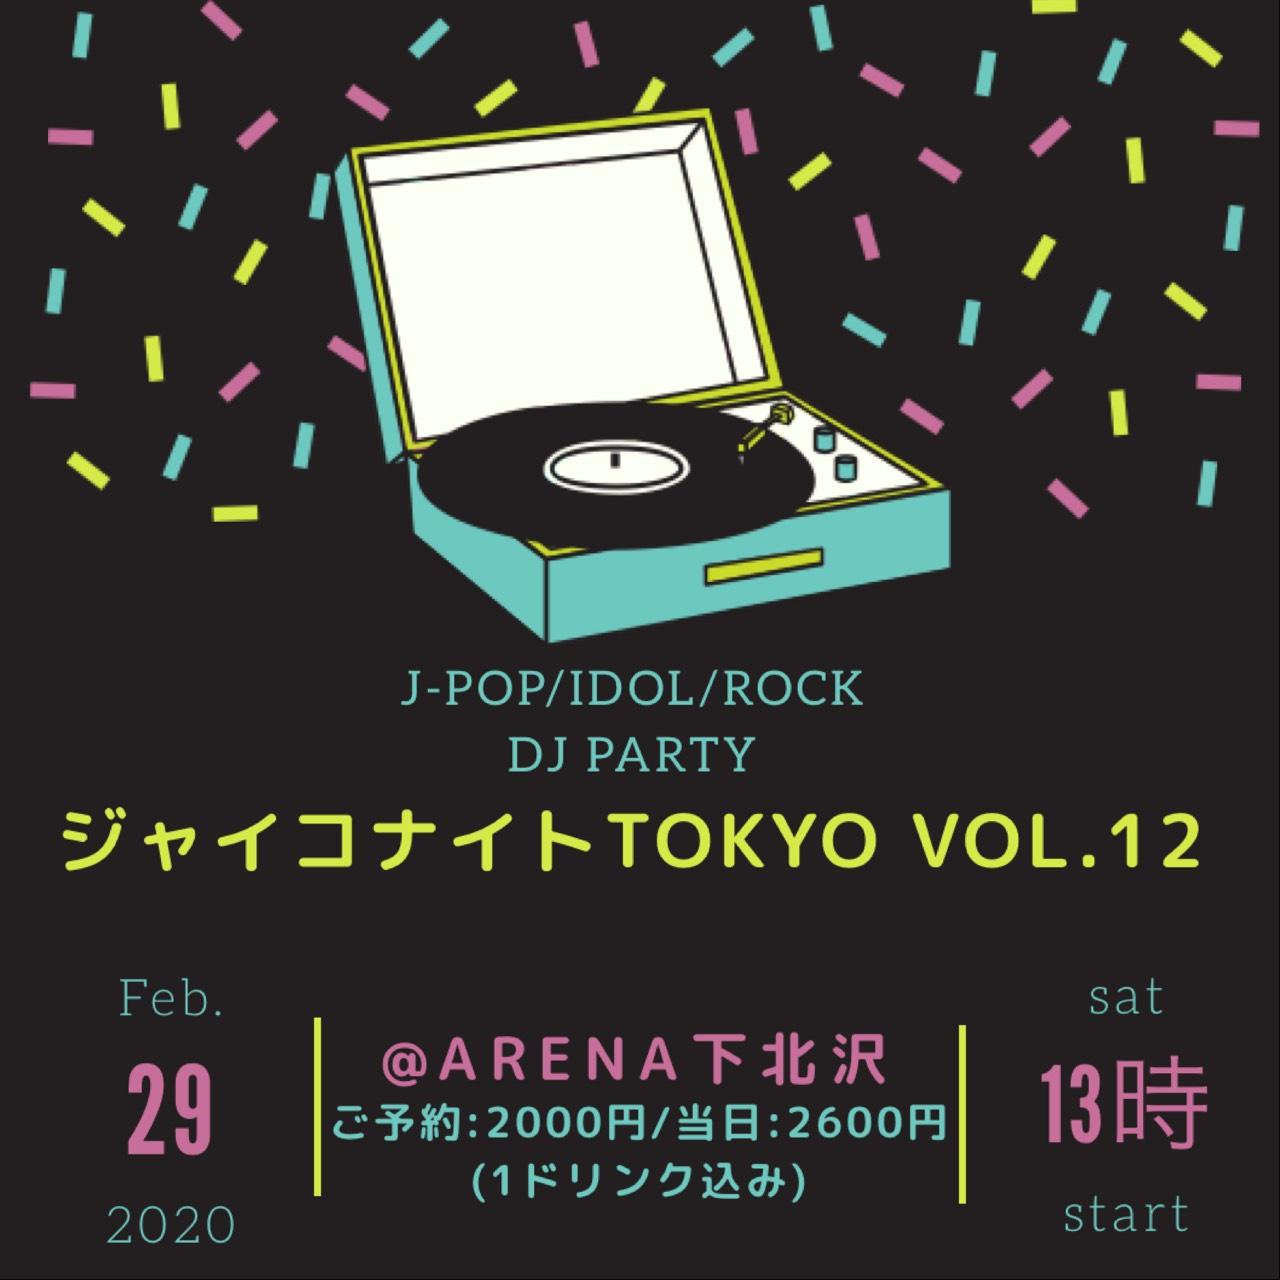 2/29【下北沢】『ジャイコナイトTOKYO vol.12』